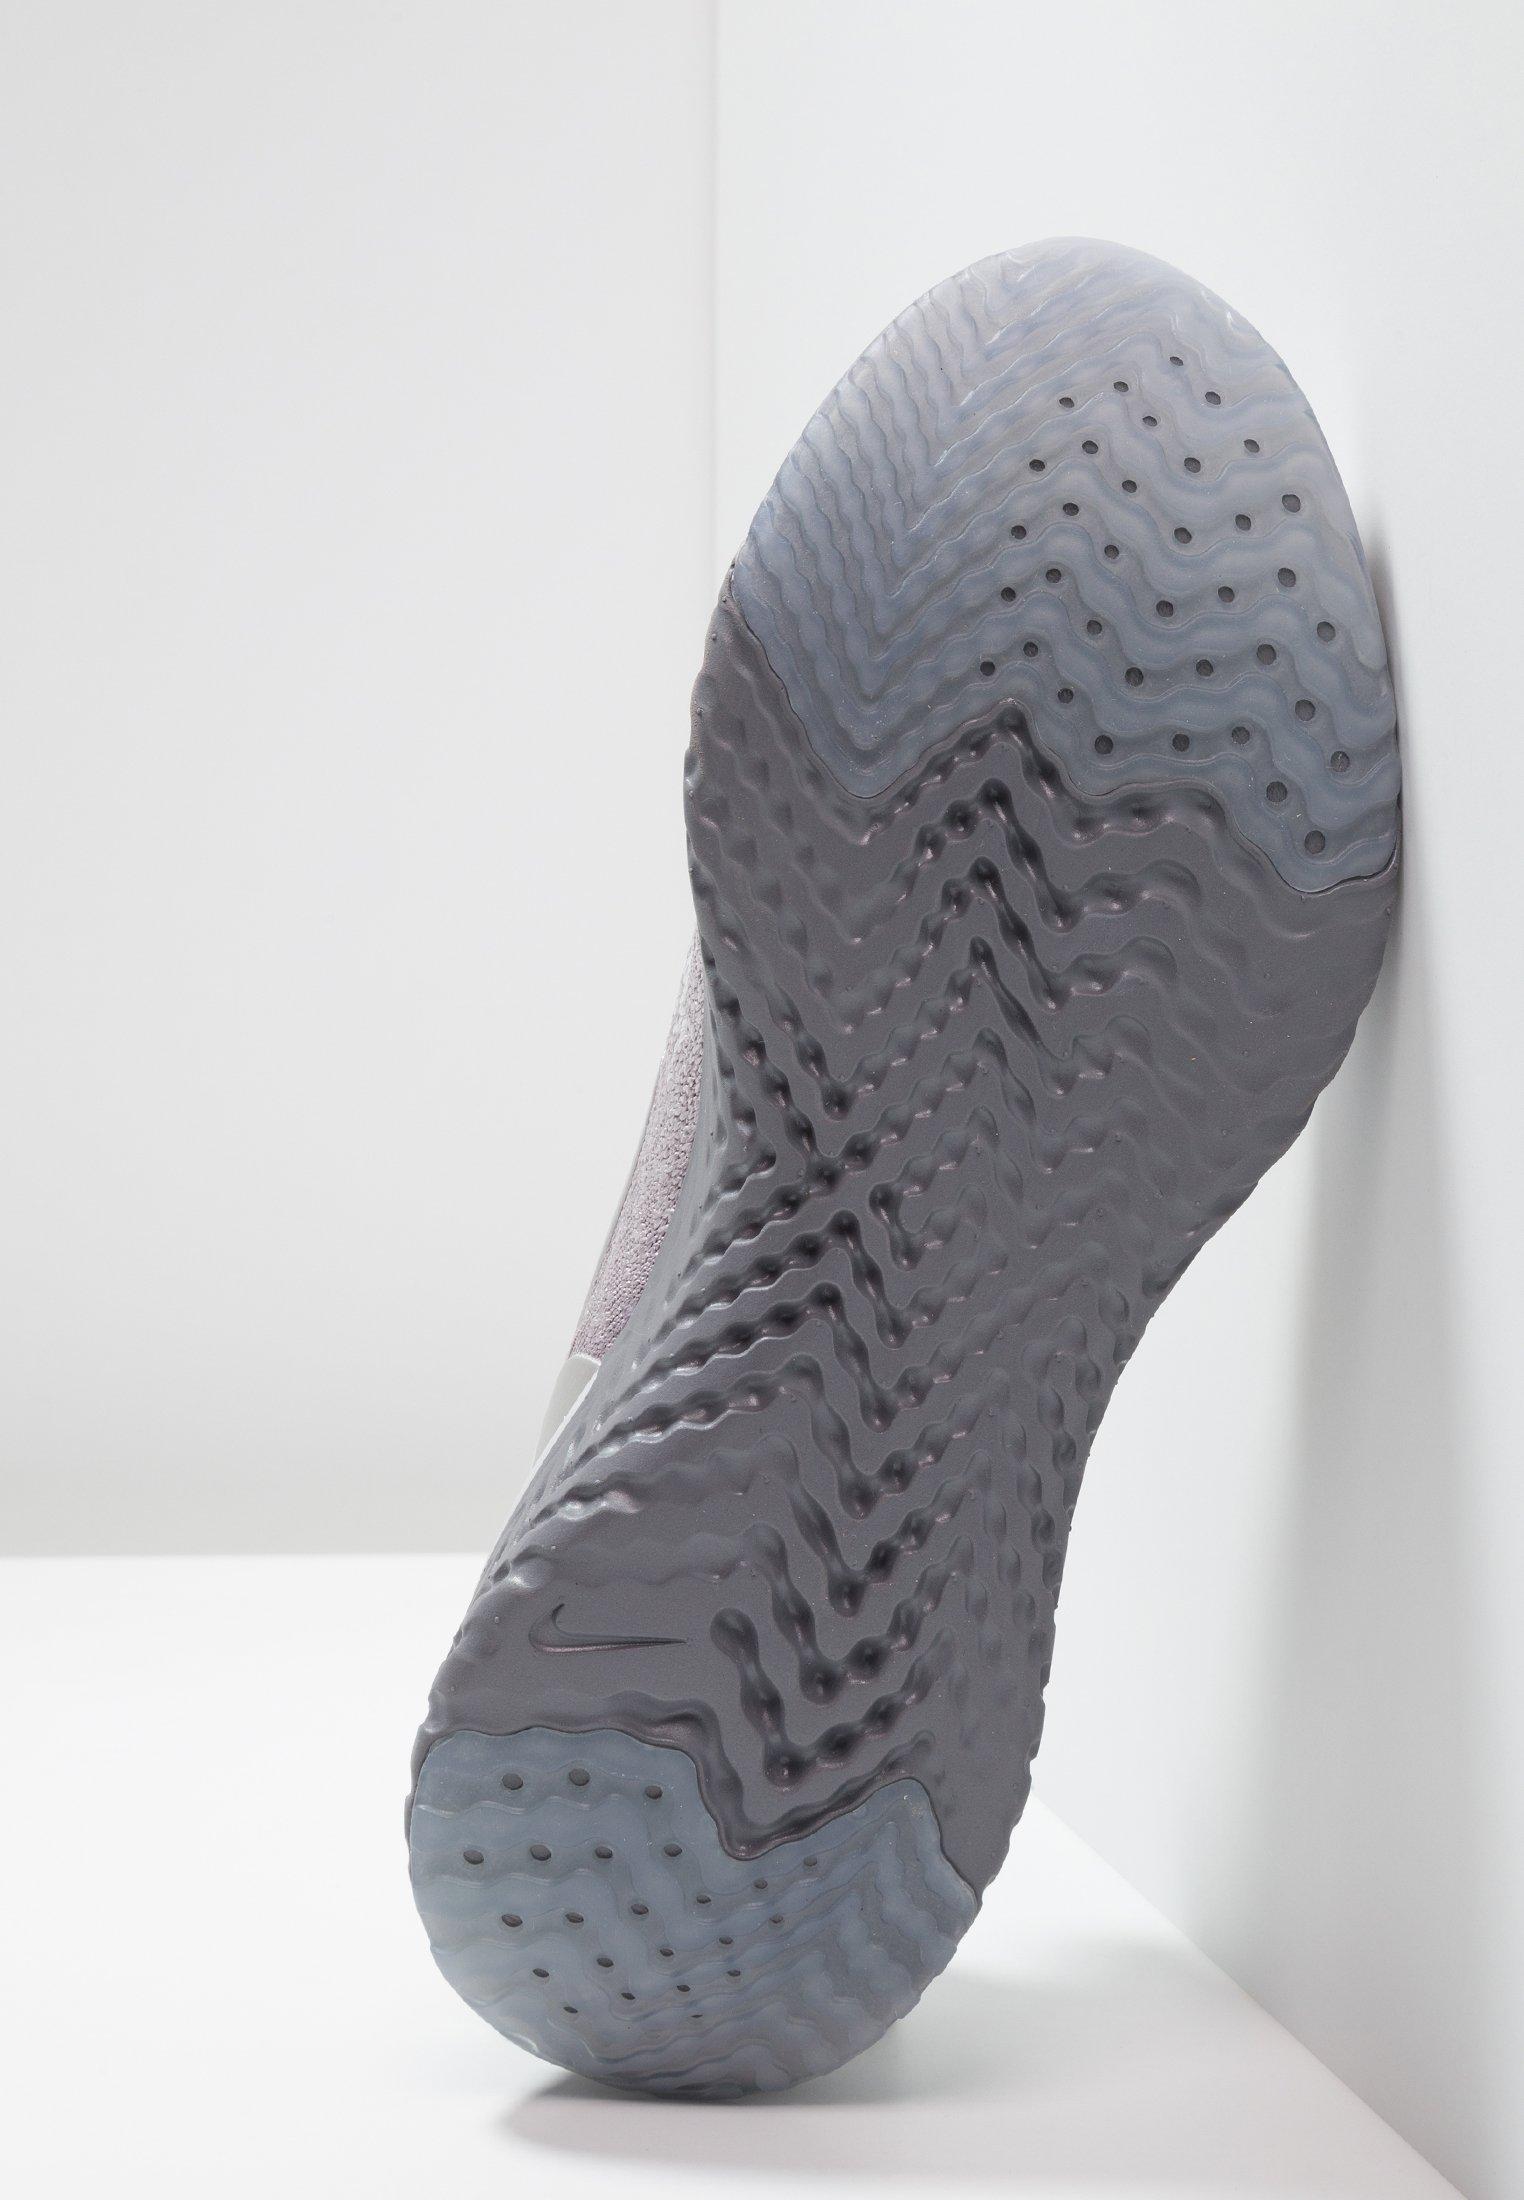 Grey Grey metallic De Running metallic PrmChaussures Vast Epic Nike gunsmoke Gold Platinum atmosphere React Neutres Performance Fk WY9IeD2bEH